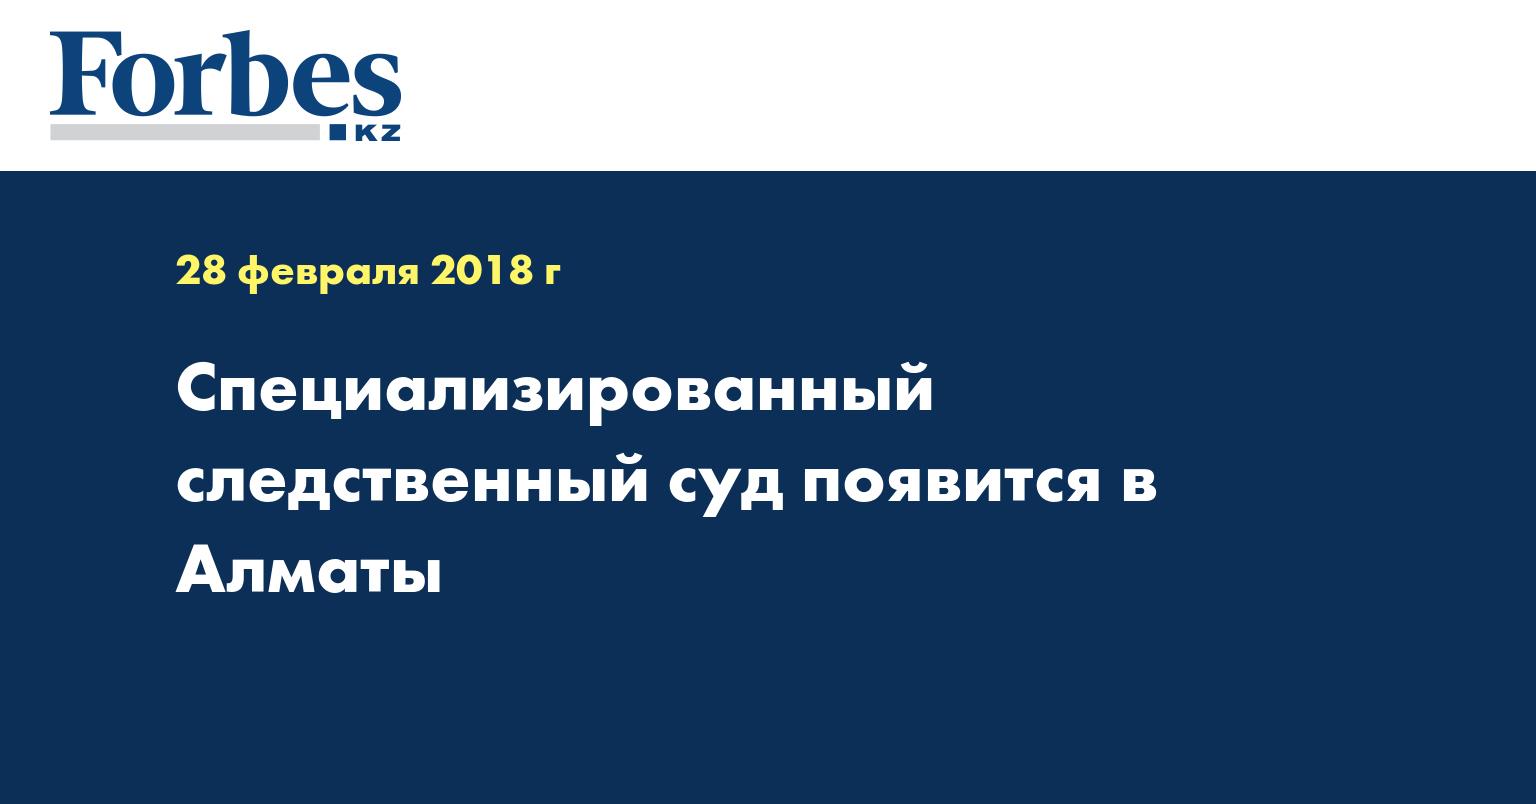 Специализированный следственный суд появится в Алматы